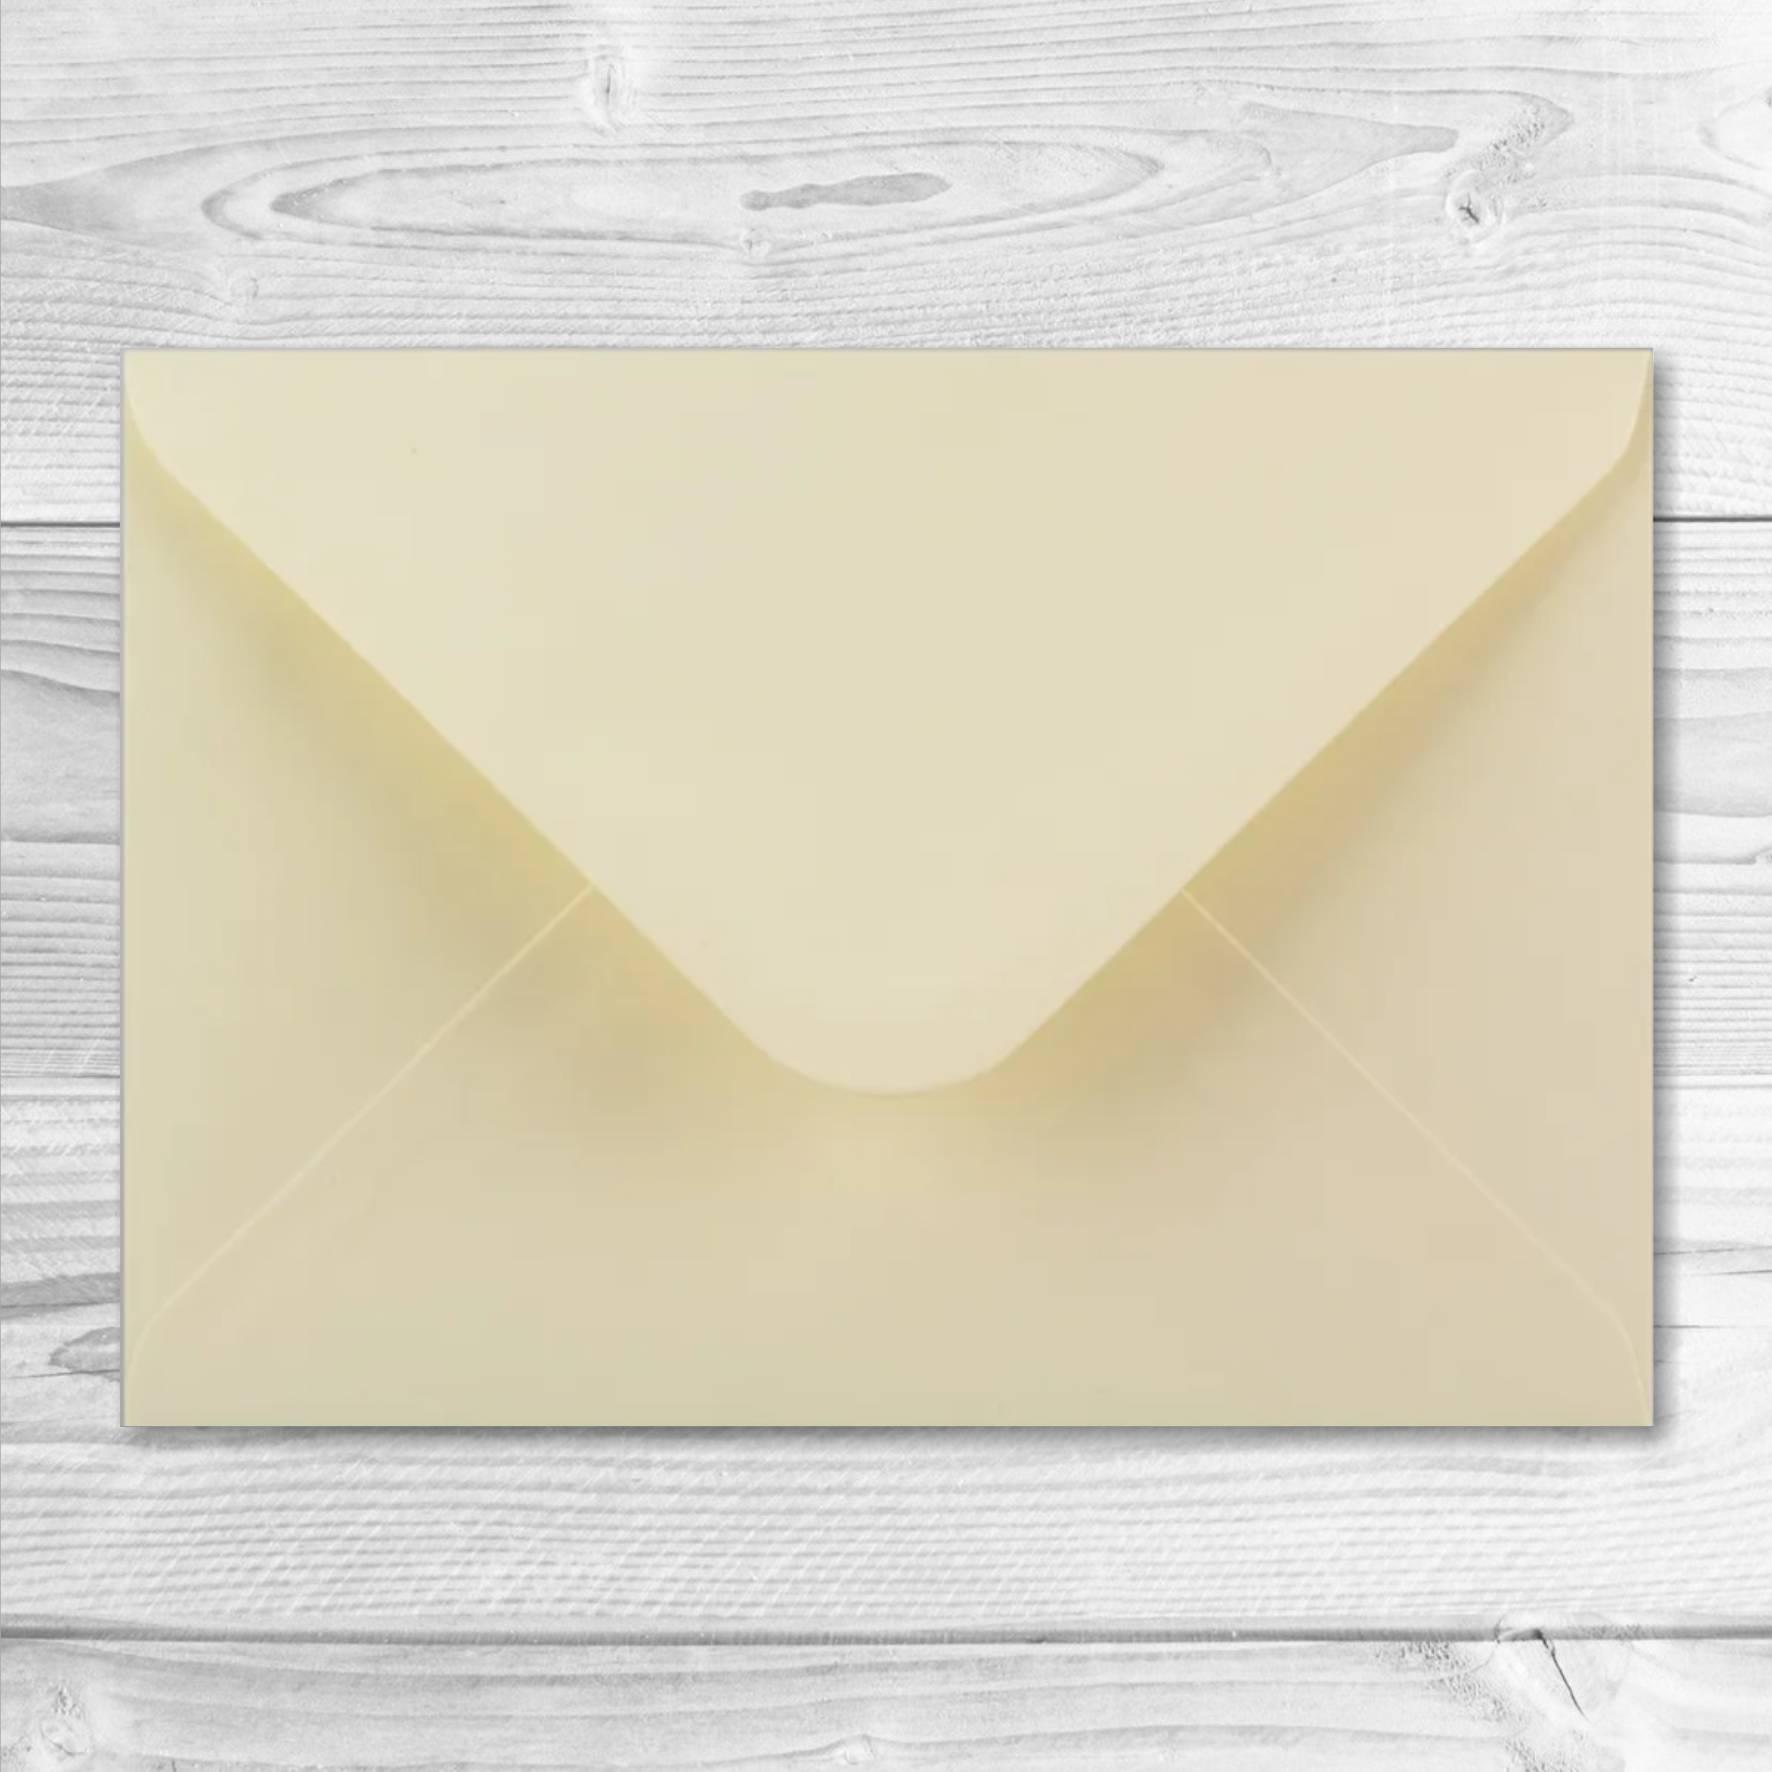 enveloppe beige 13 x 19 cm ouverture